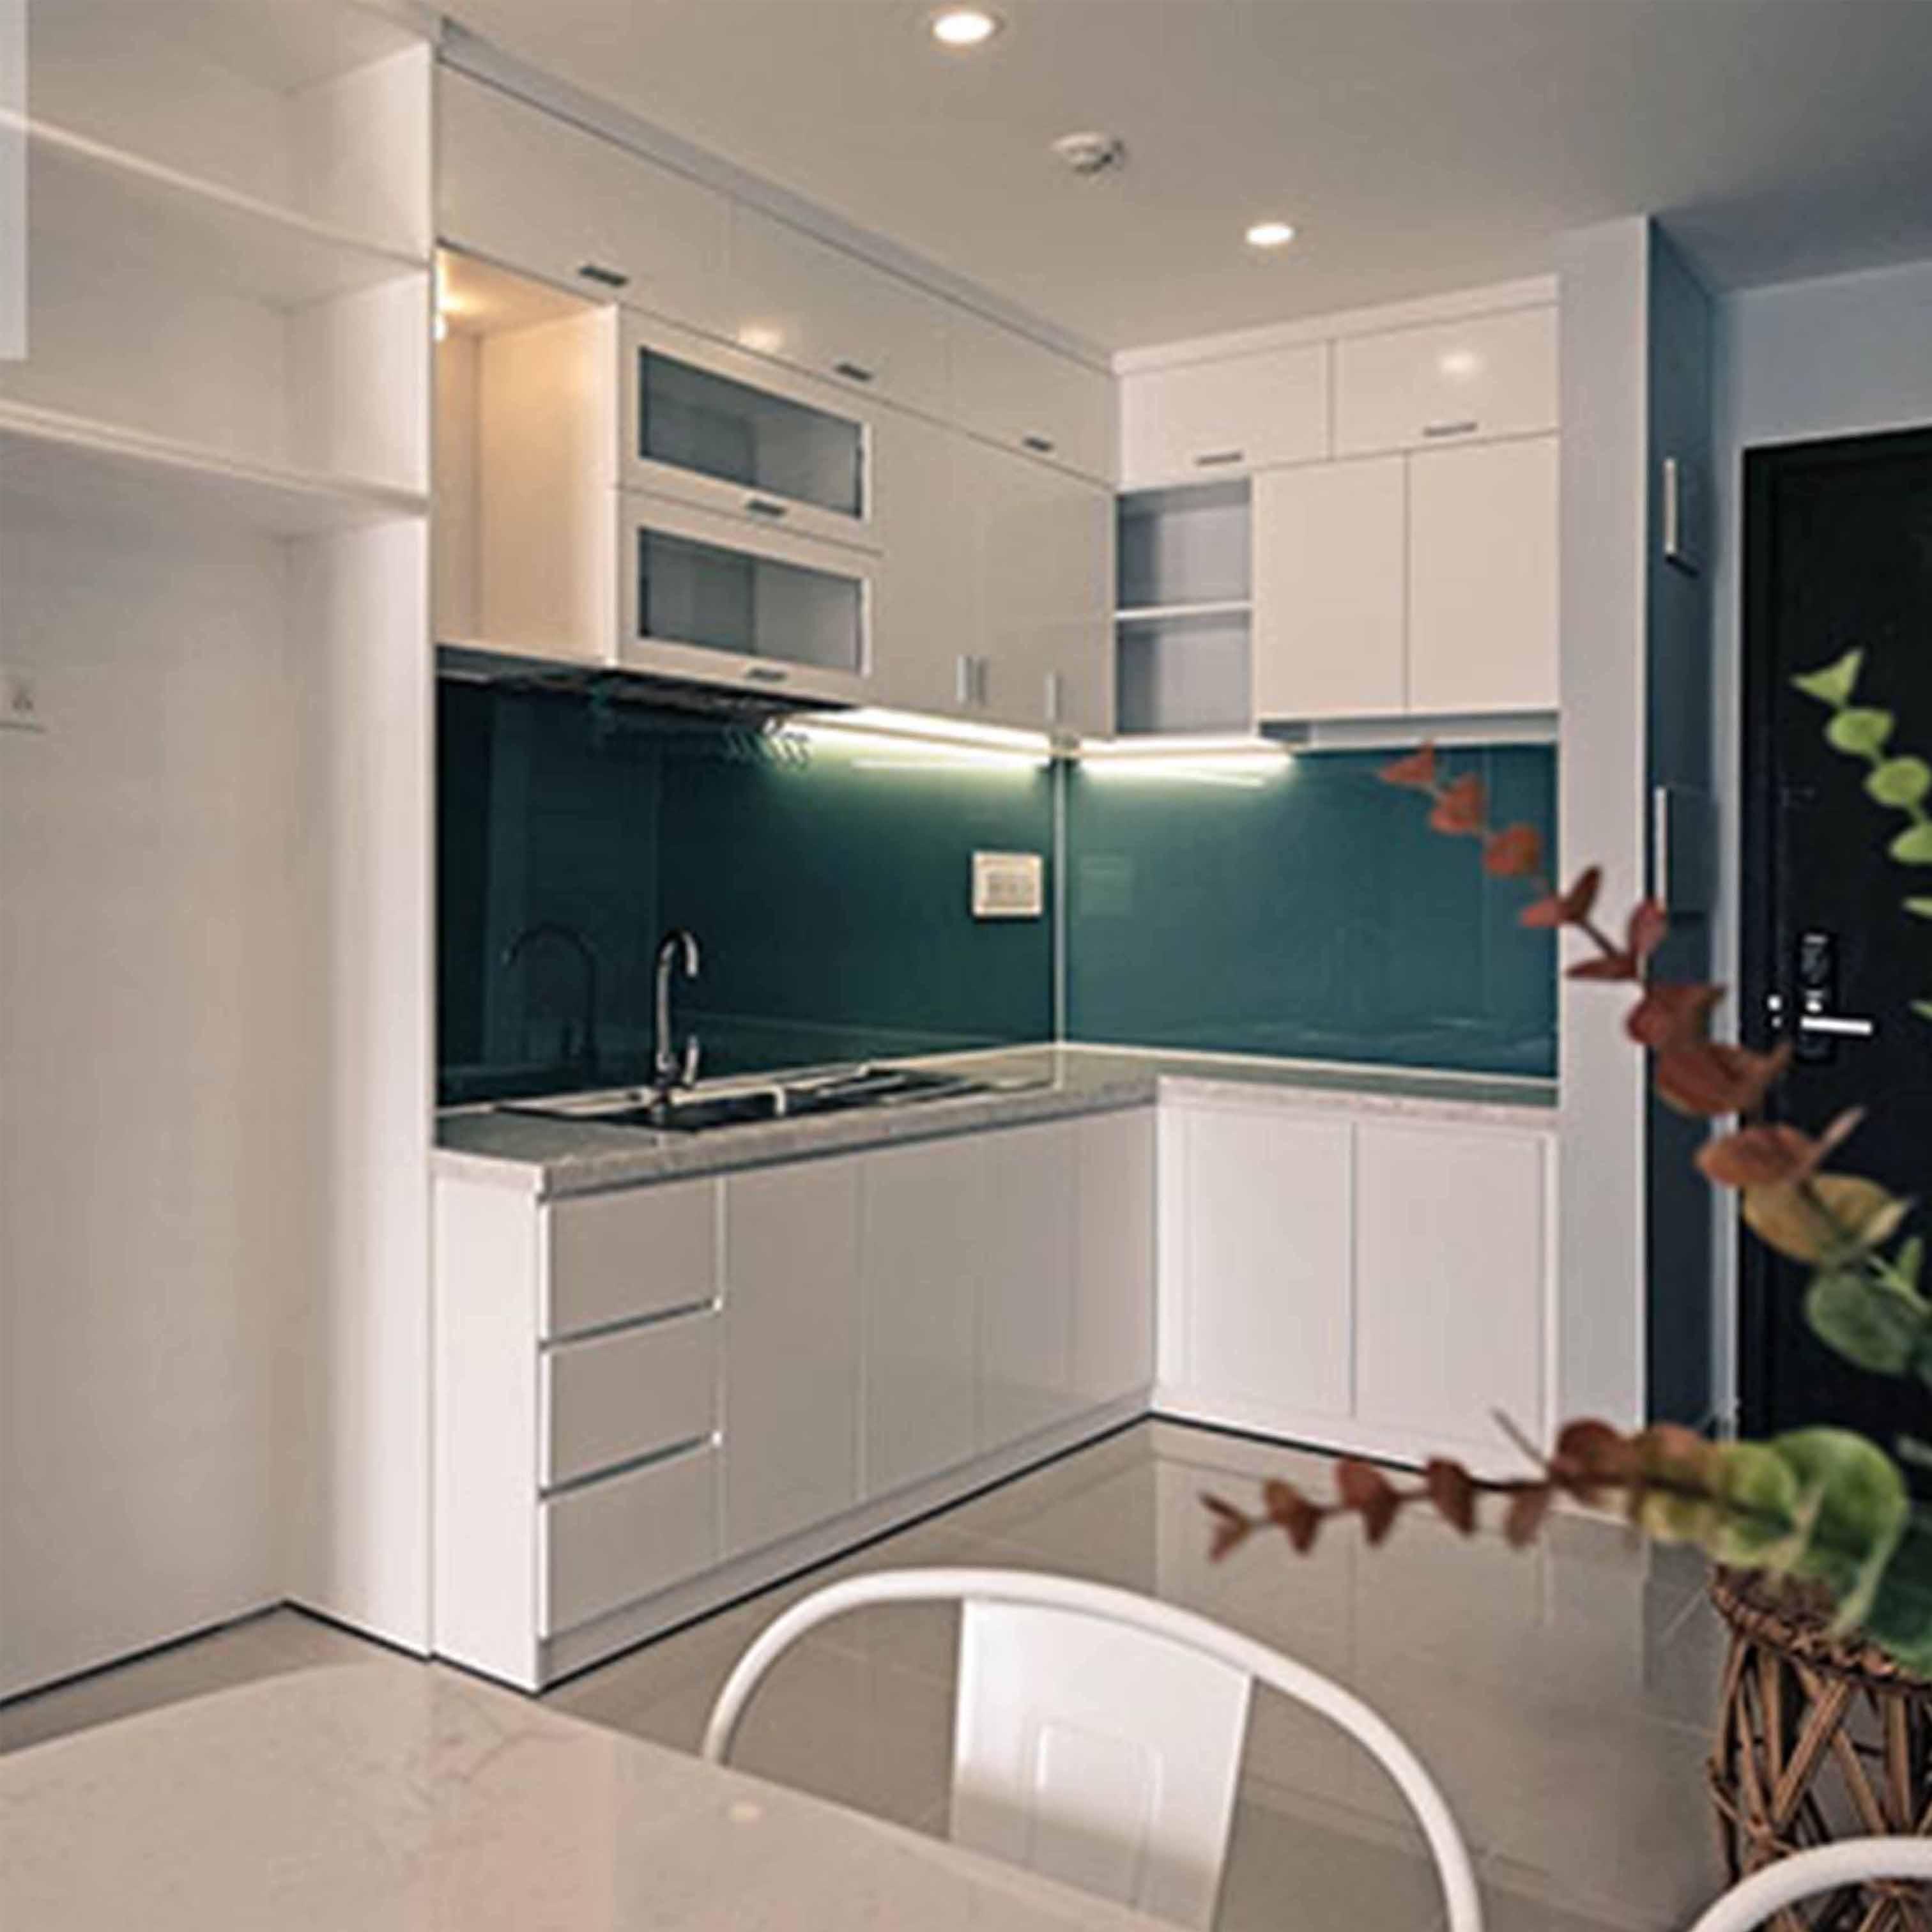 Công trình thiết kế thi công căn hộ tại Long Biên - TK13LHFU